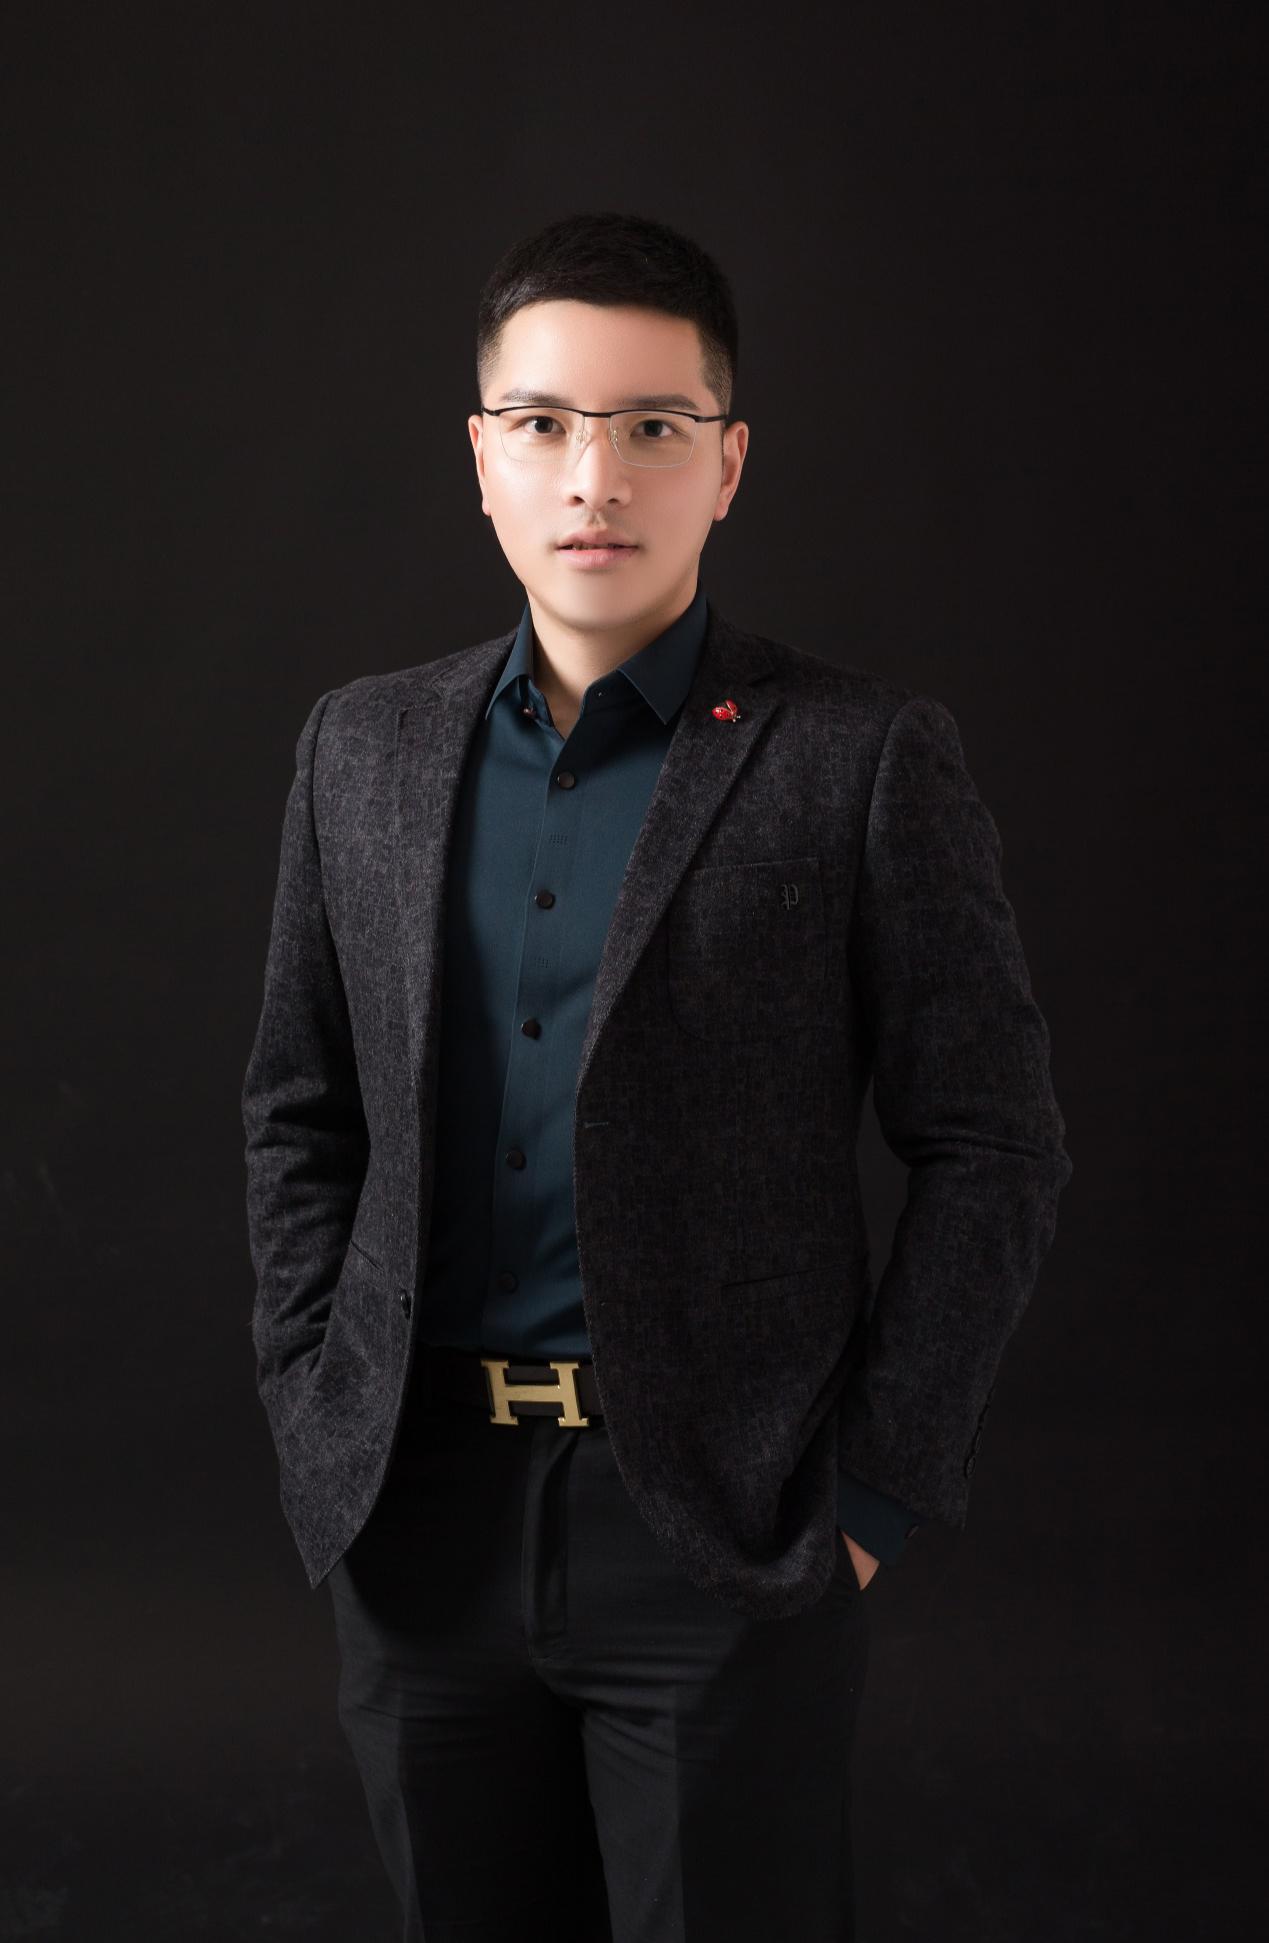 90后学霸型天使投资人陈健:投资是一场勇敢者的博弈